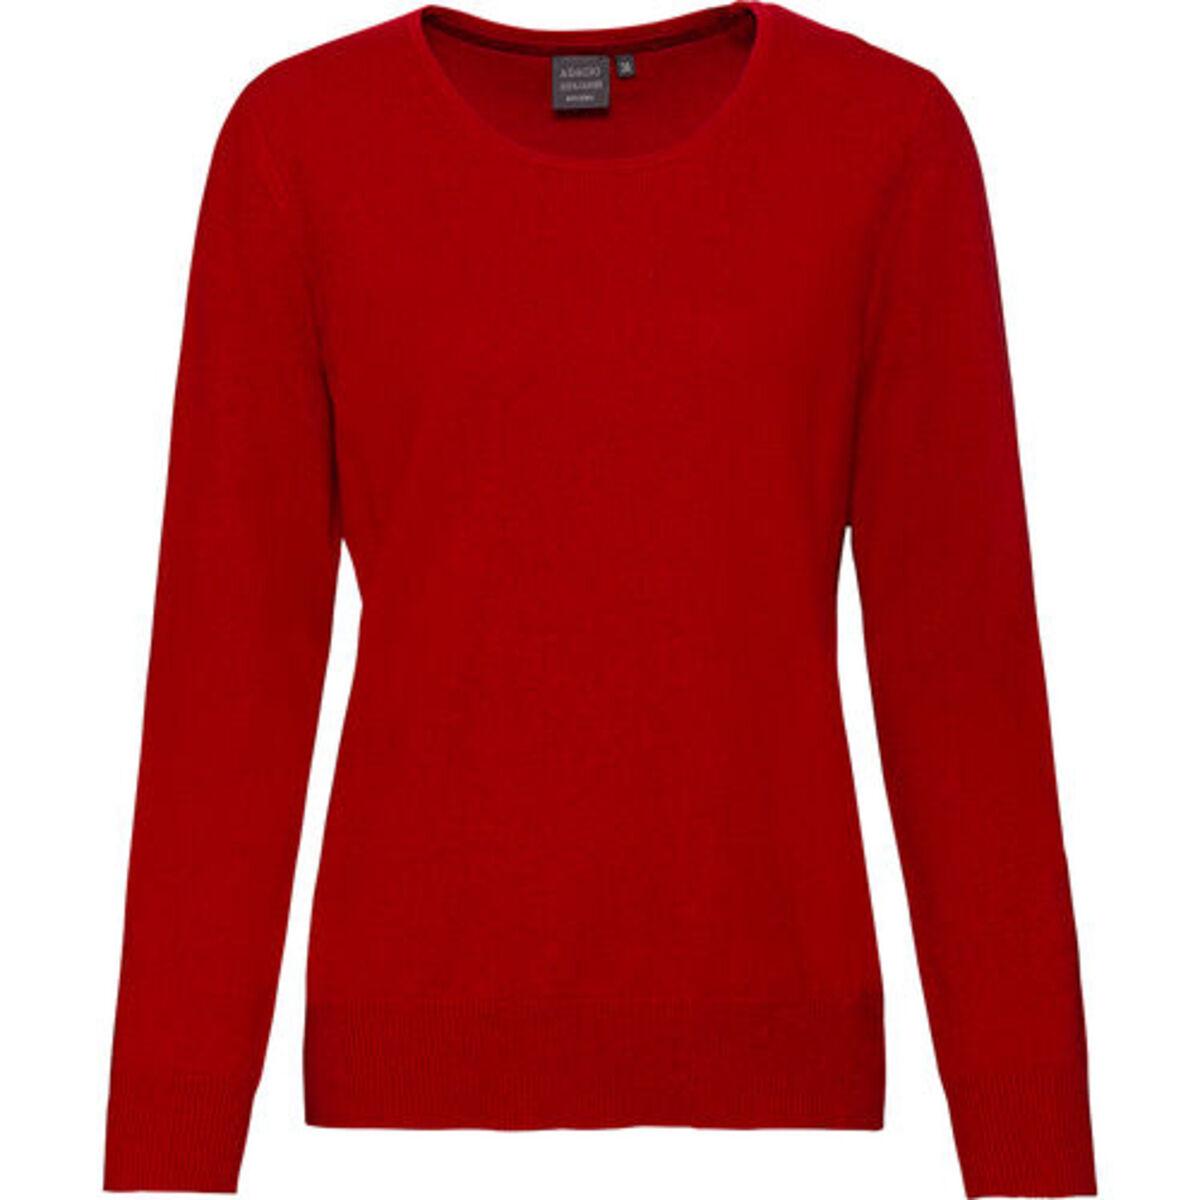 Bild 2 von Adagio Damen Seide-Cashmere Pullover, rot, 36, 36